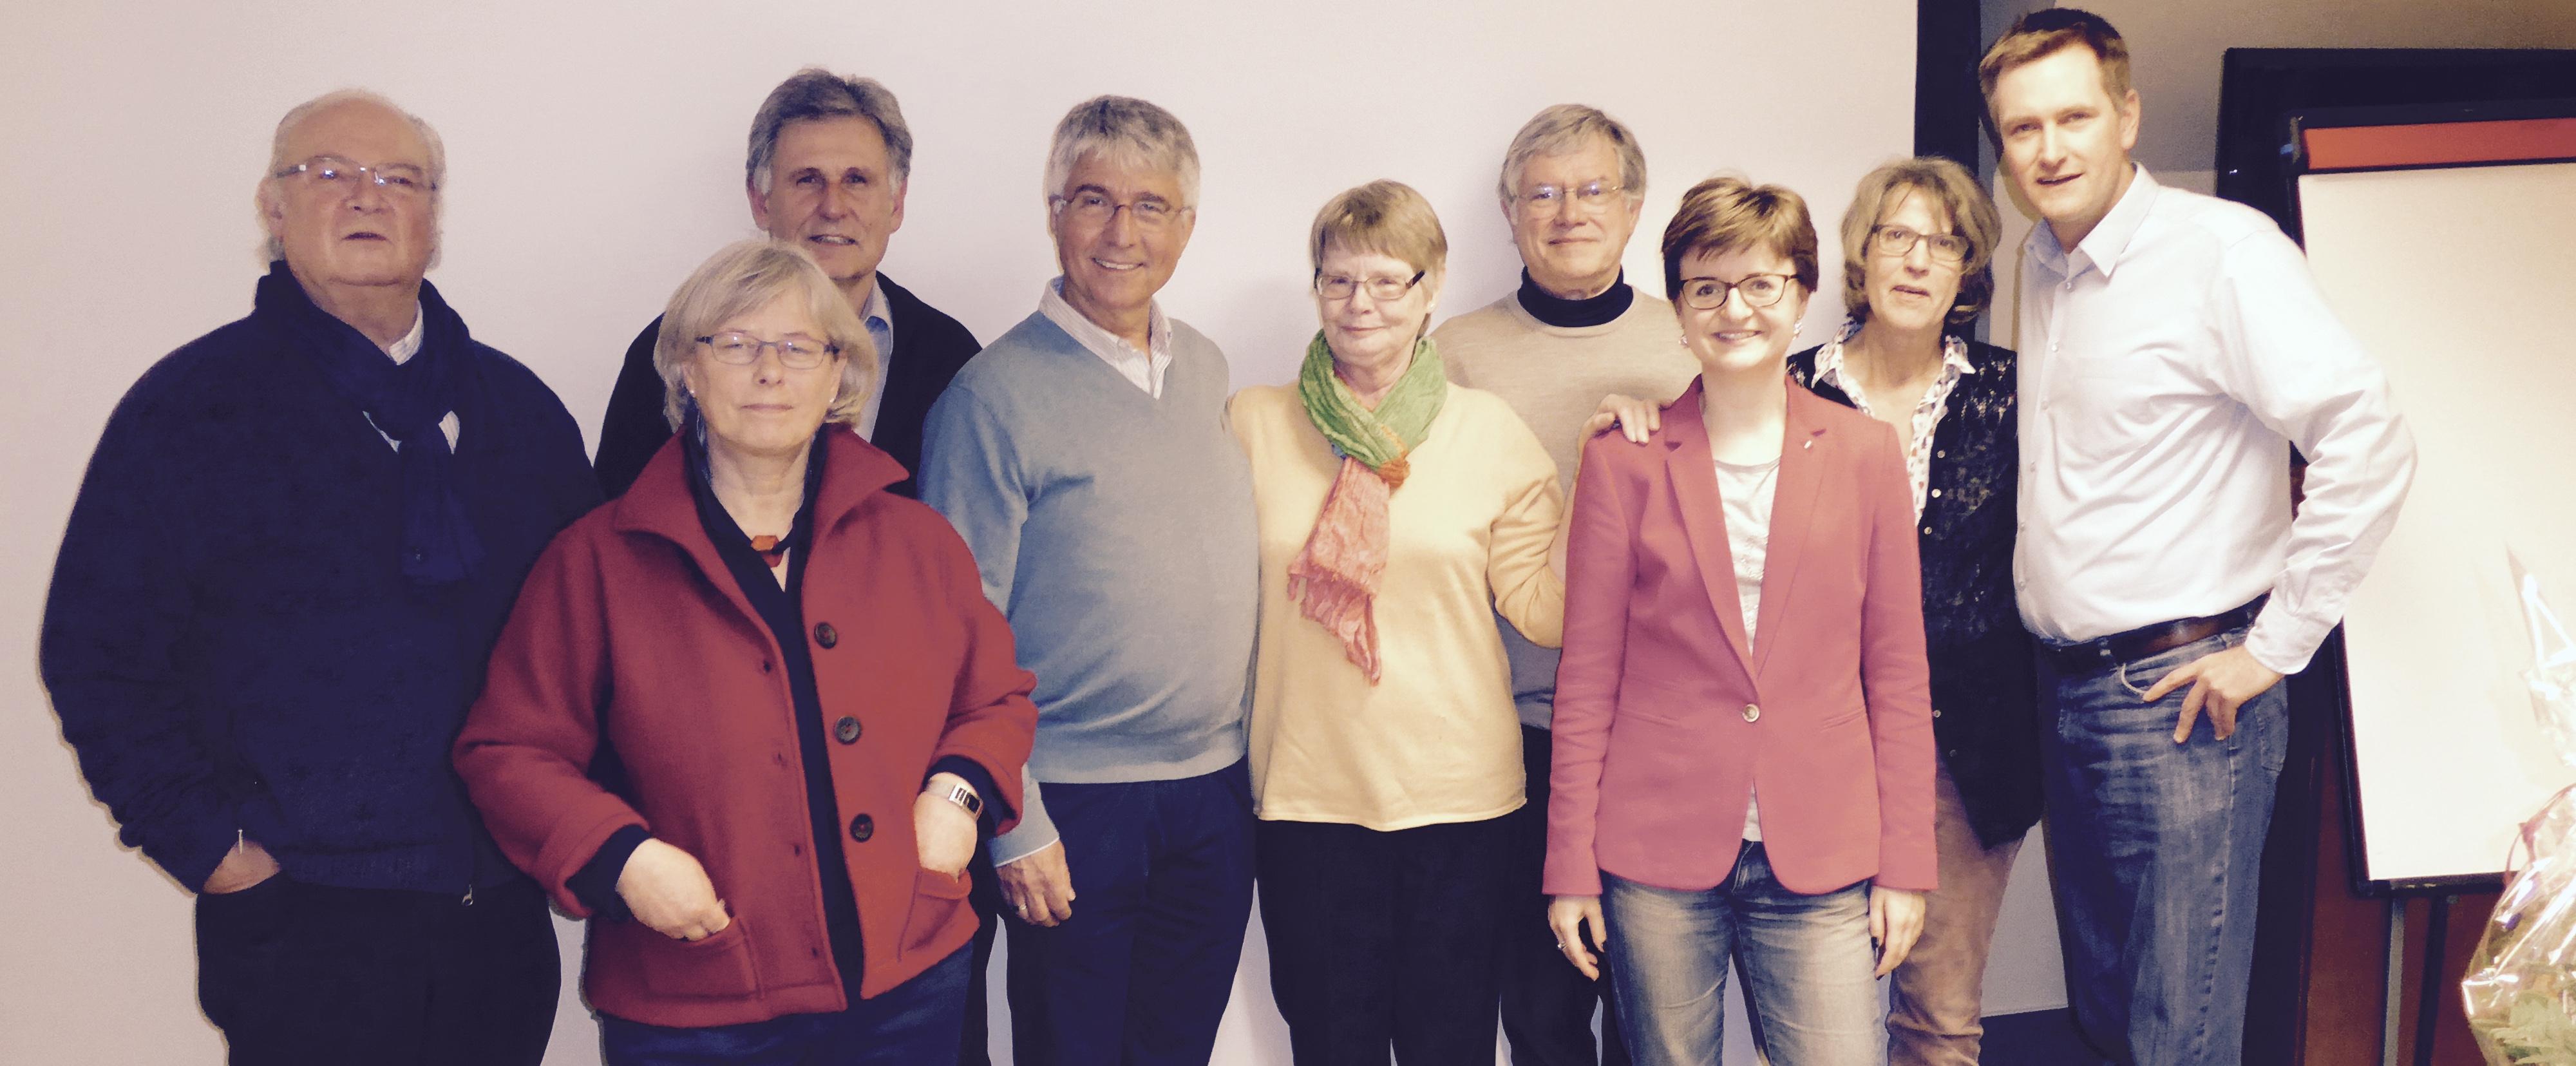 Vorstand des Fördervereins des Kinderzentrums Bremen e. V.